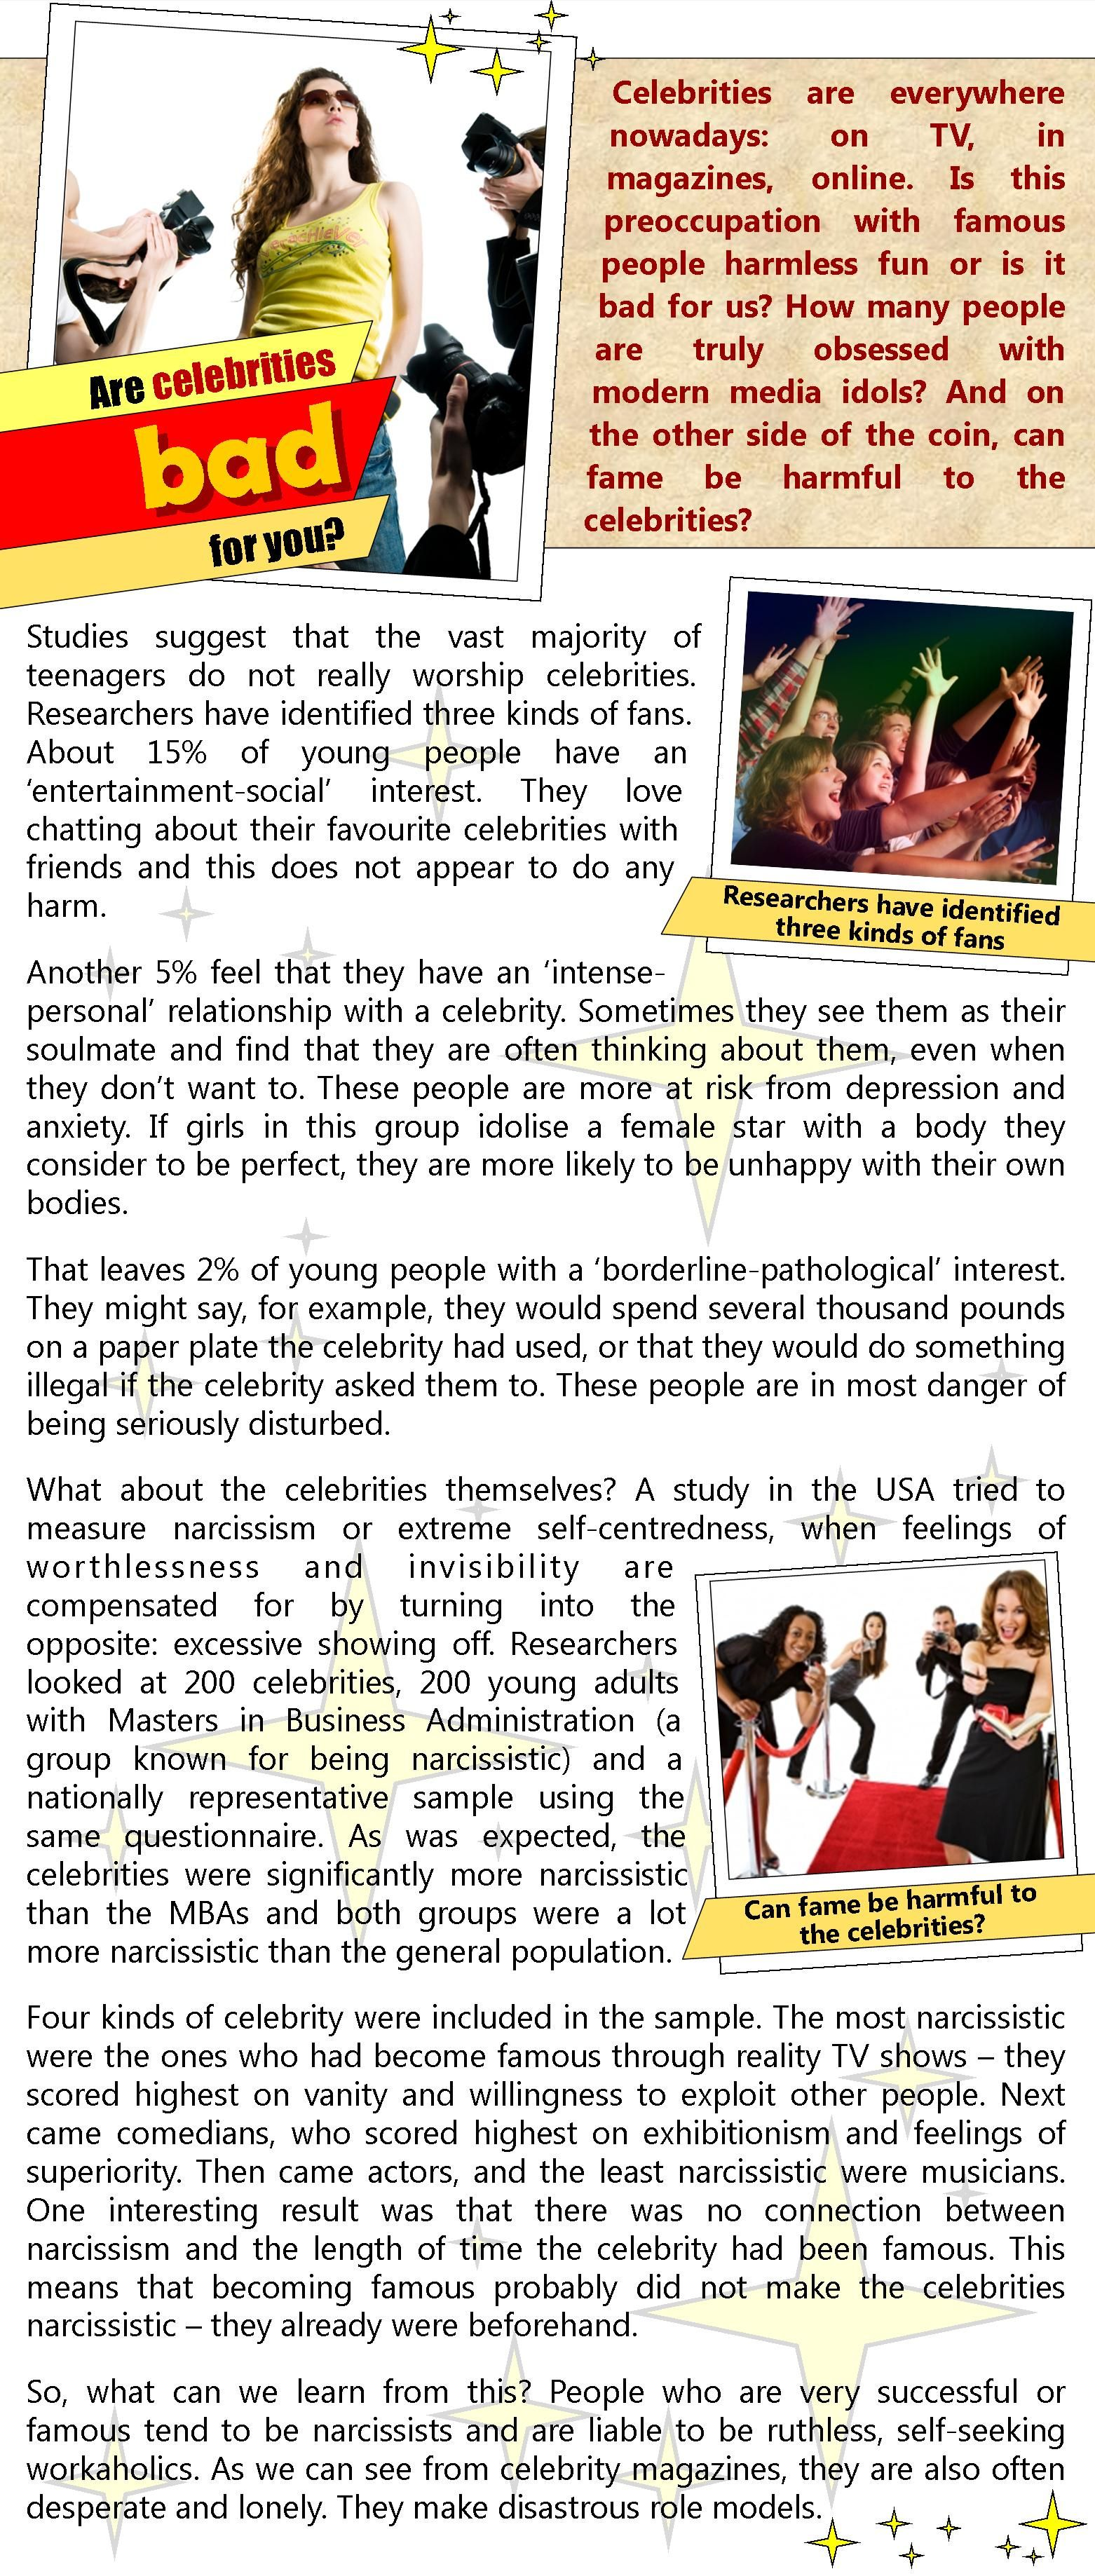 celebrity role models good or bad